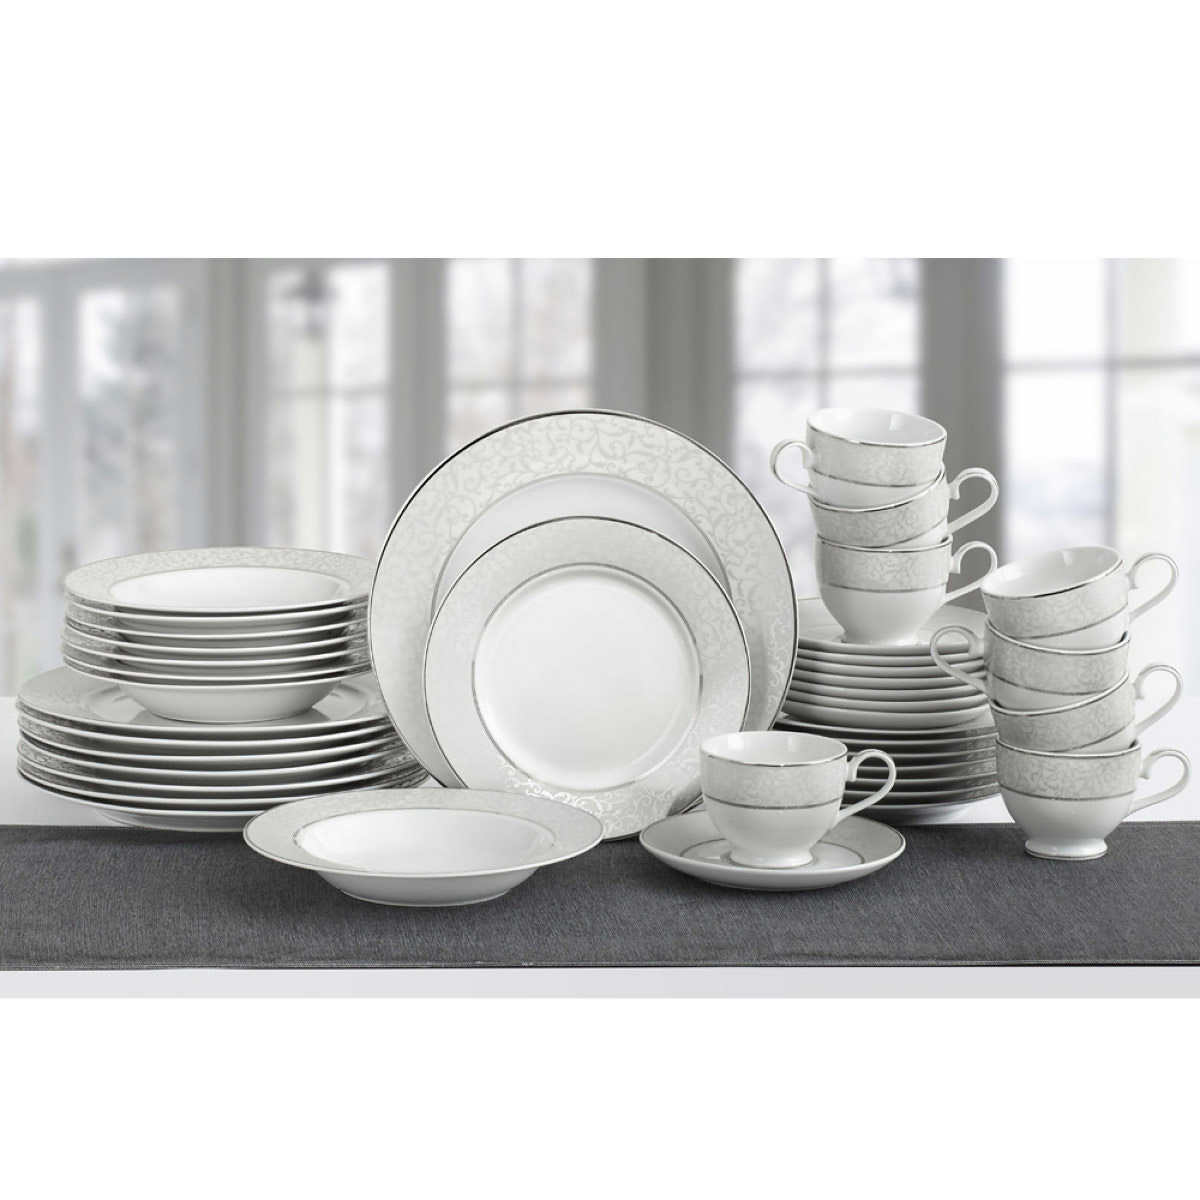 Mikasa Parchment 6-piece Porcelain Dinnerware Set